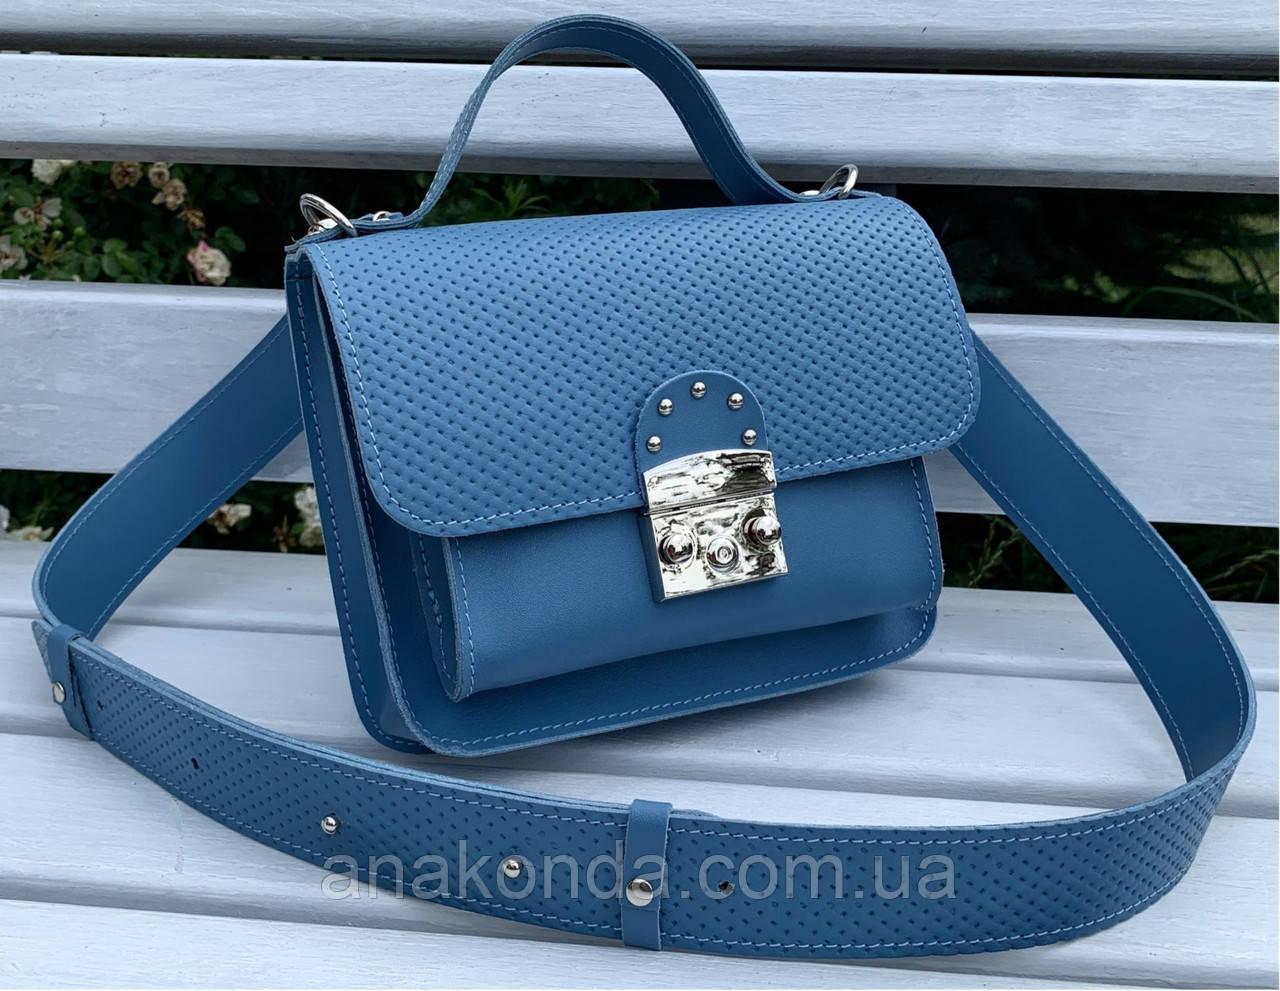 574-3 Натуральная кожа Сумка женская голубая Кожаная сумка с широким ремнем через плечо сумка женская голубая